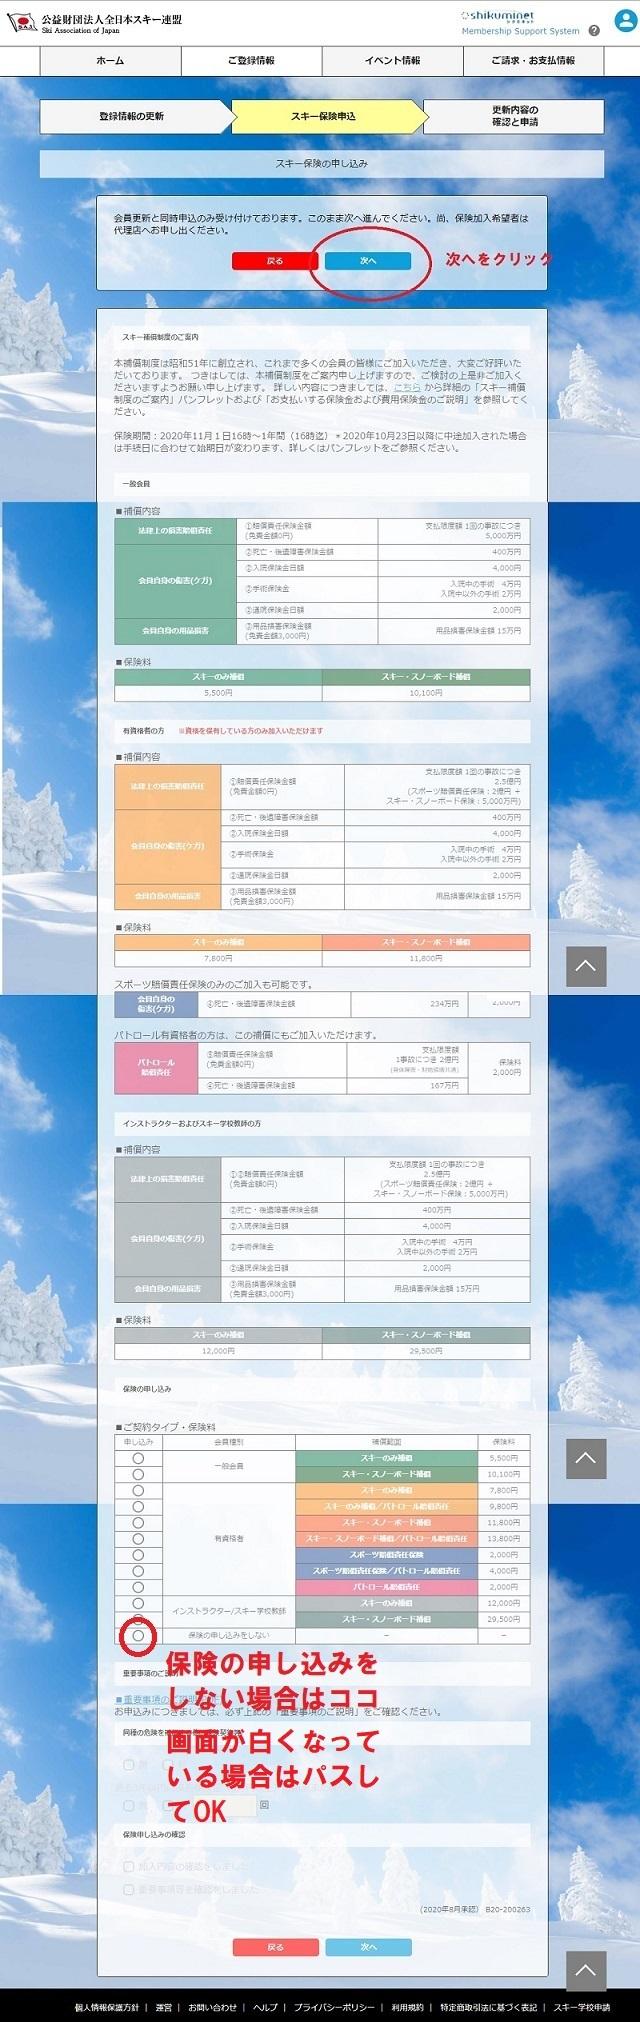 会員情報修正確認画面d640保険